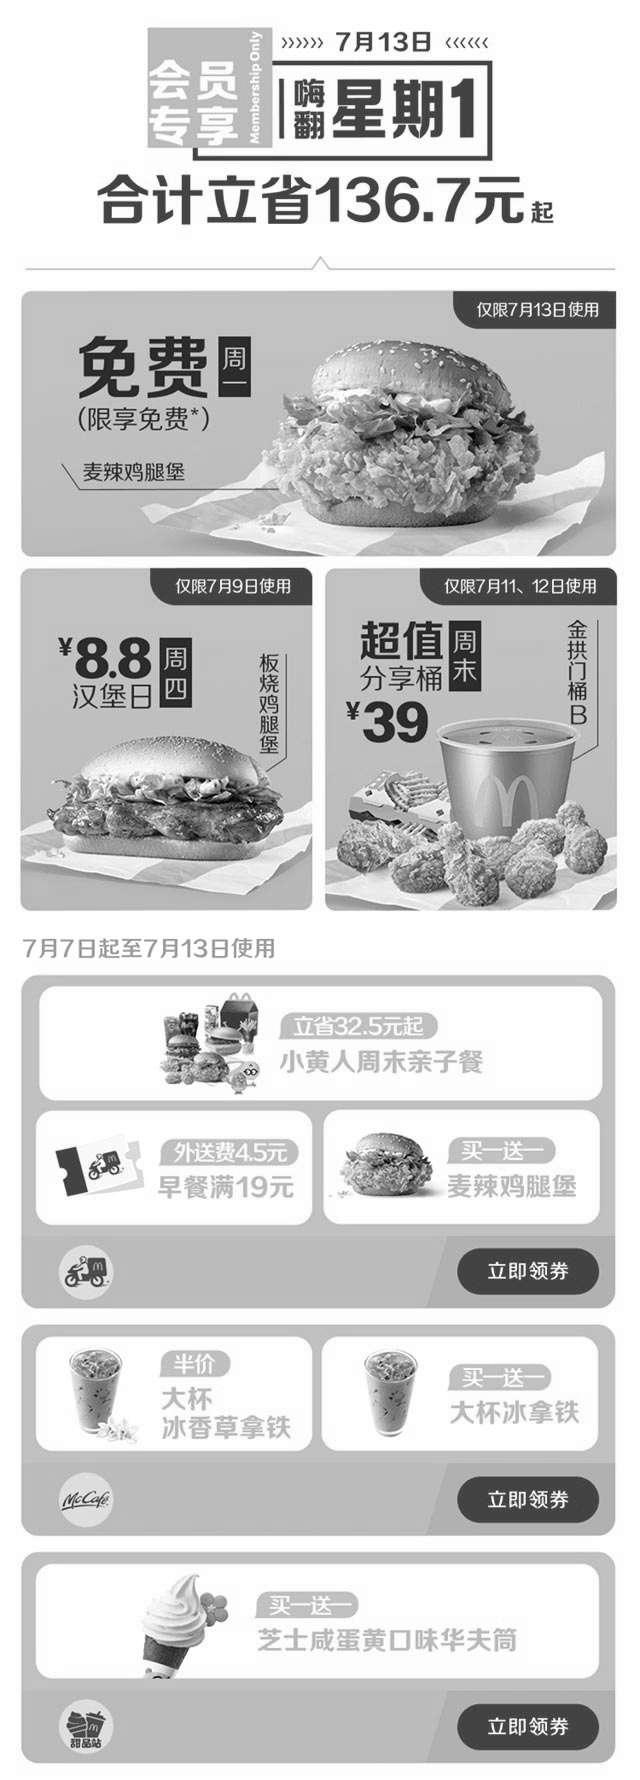 黑白优惠券图片:麦当劳周优惠券领取,买一送一,半价购,免外送费 - www.5ikfc.com